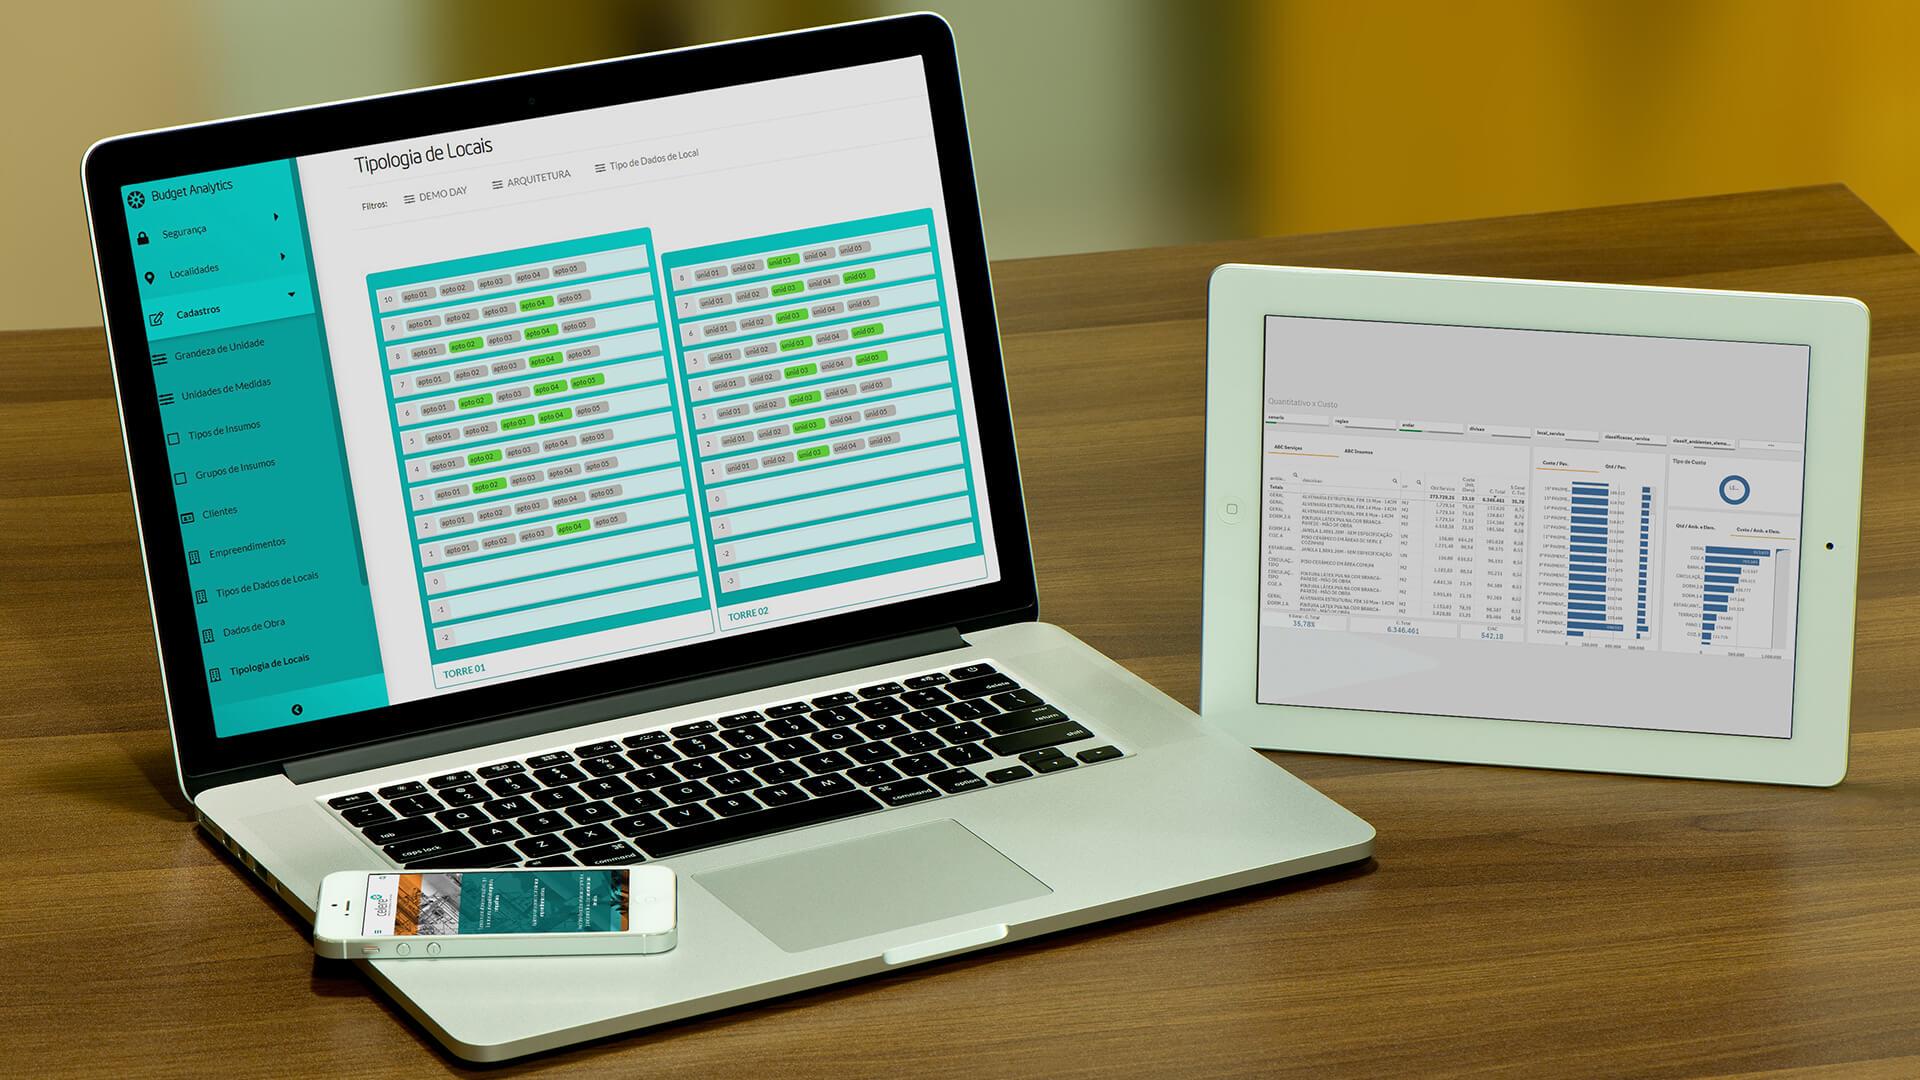 notebook em cima de uma mesa de madeira, com um sistema de gestão de obra aberto